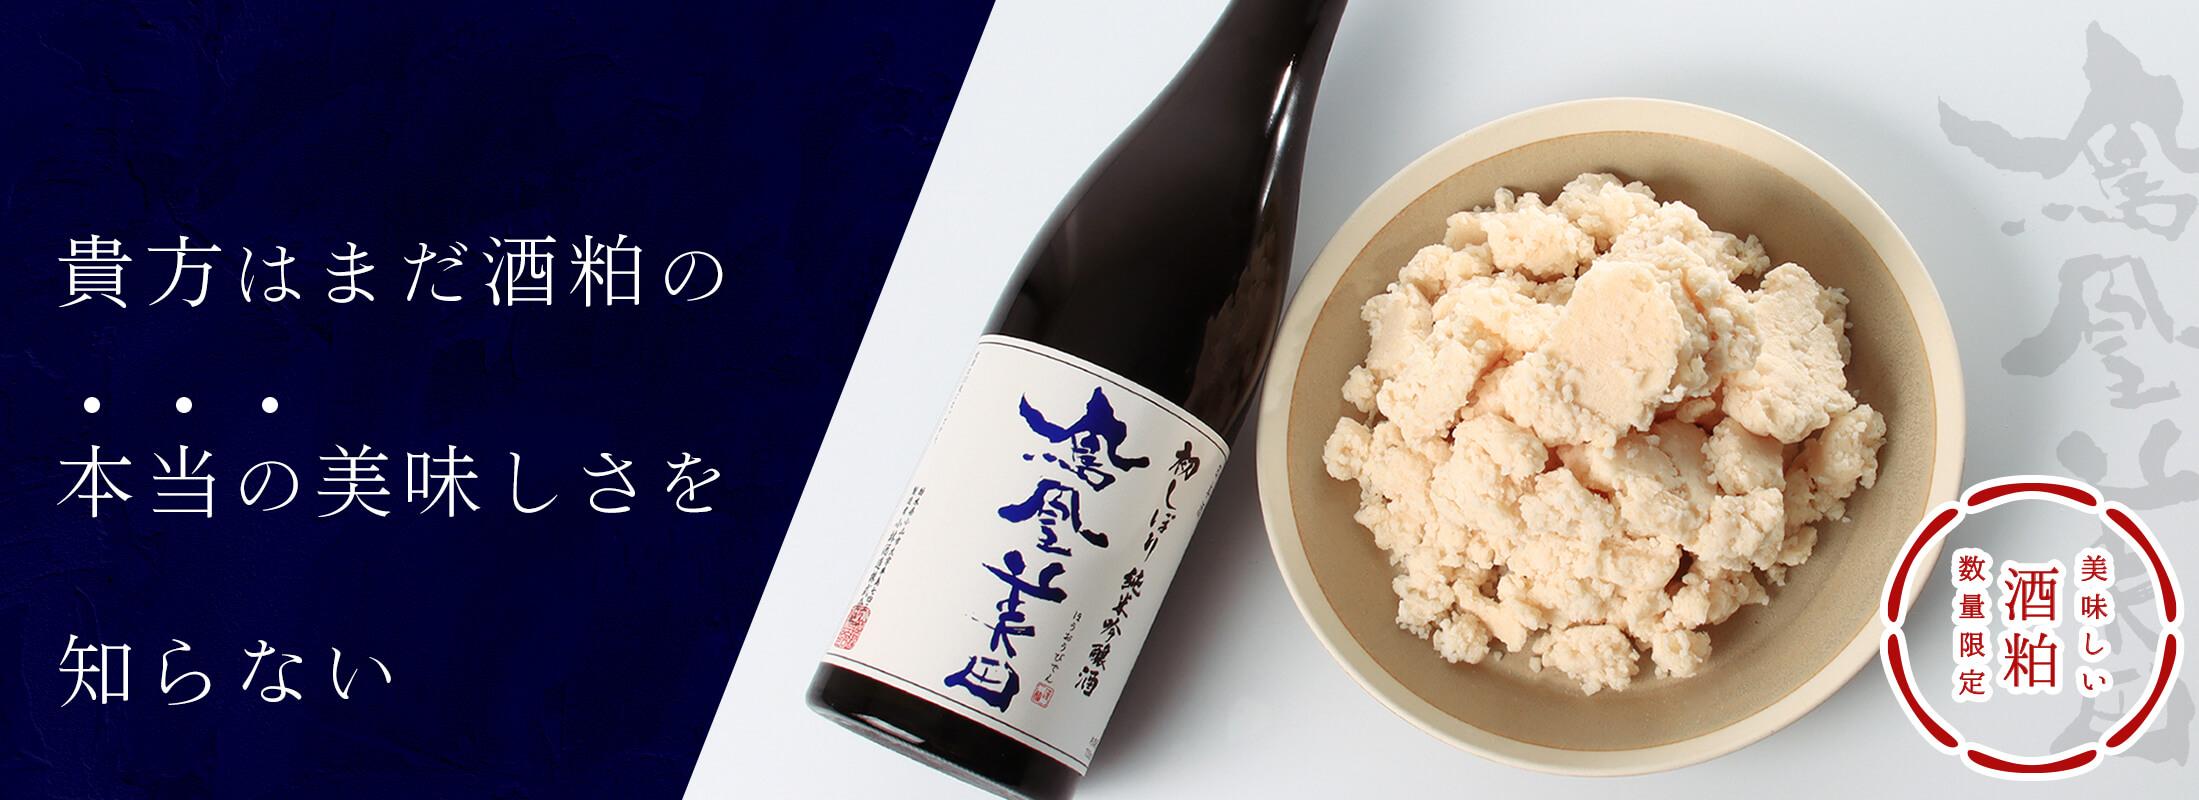 鳳凰美田 純米吟醸 初しぼり 酒粕